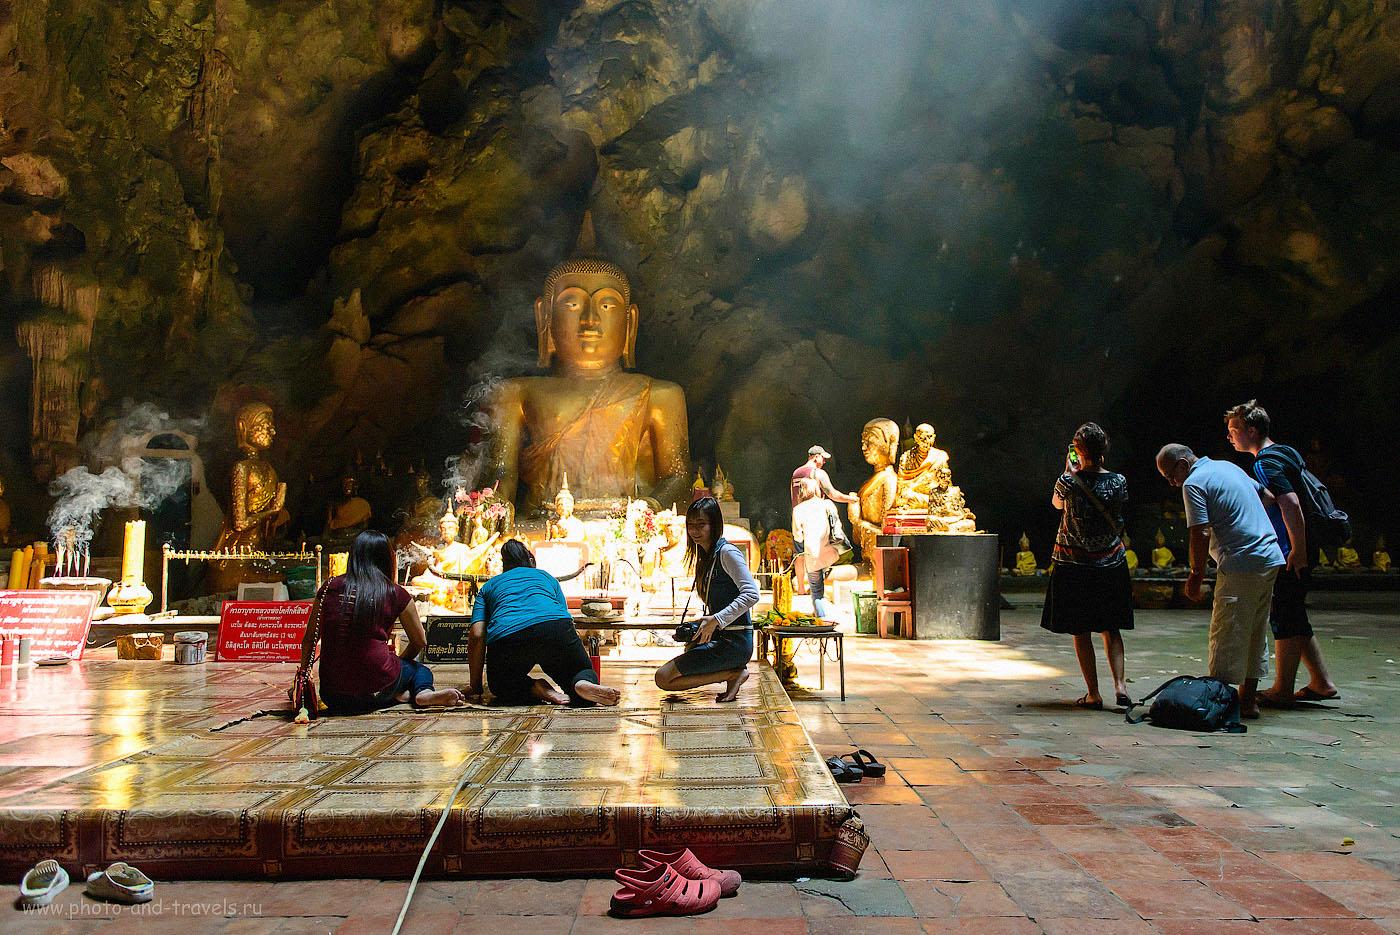 Фотография 22. Отдых в Таиланде самостоятельно. Поездка в пещеру Луанг, что рядом с городом Хуахин. Под светом небесным (съемка с рук, объектив Никкор 24-70/2.8, 4000, 24, 3.2, 1/800)